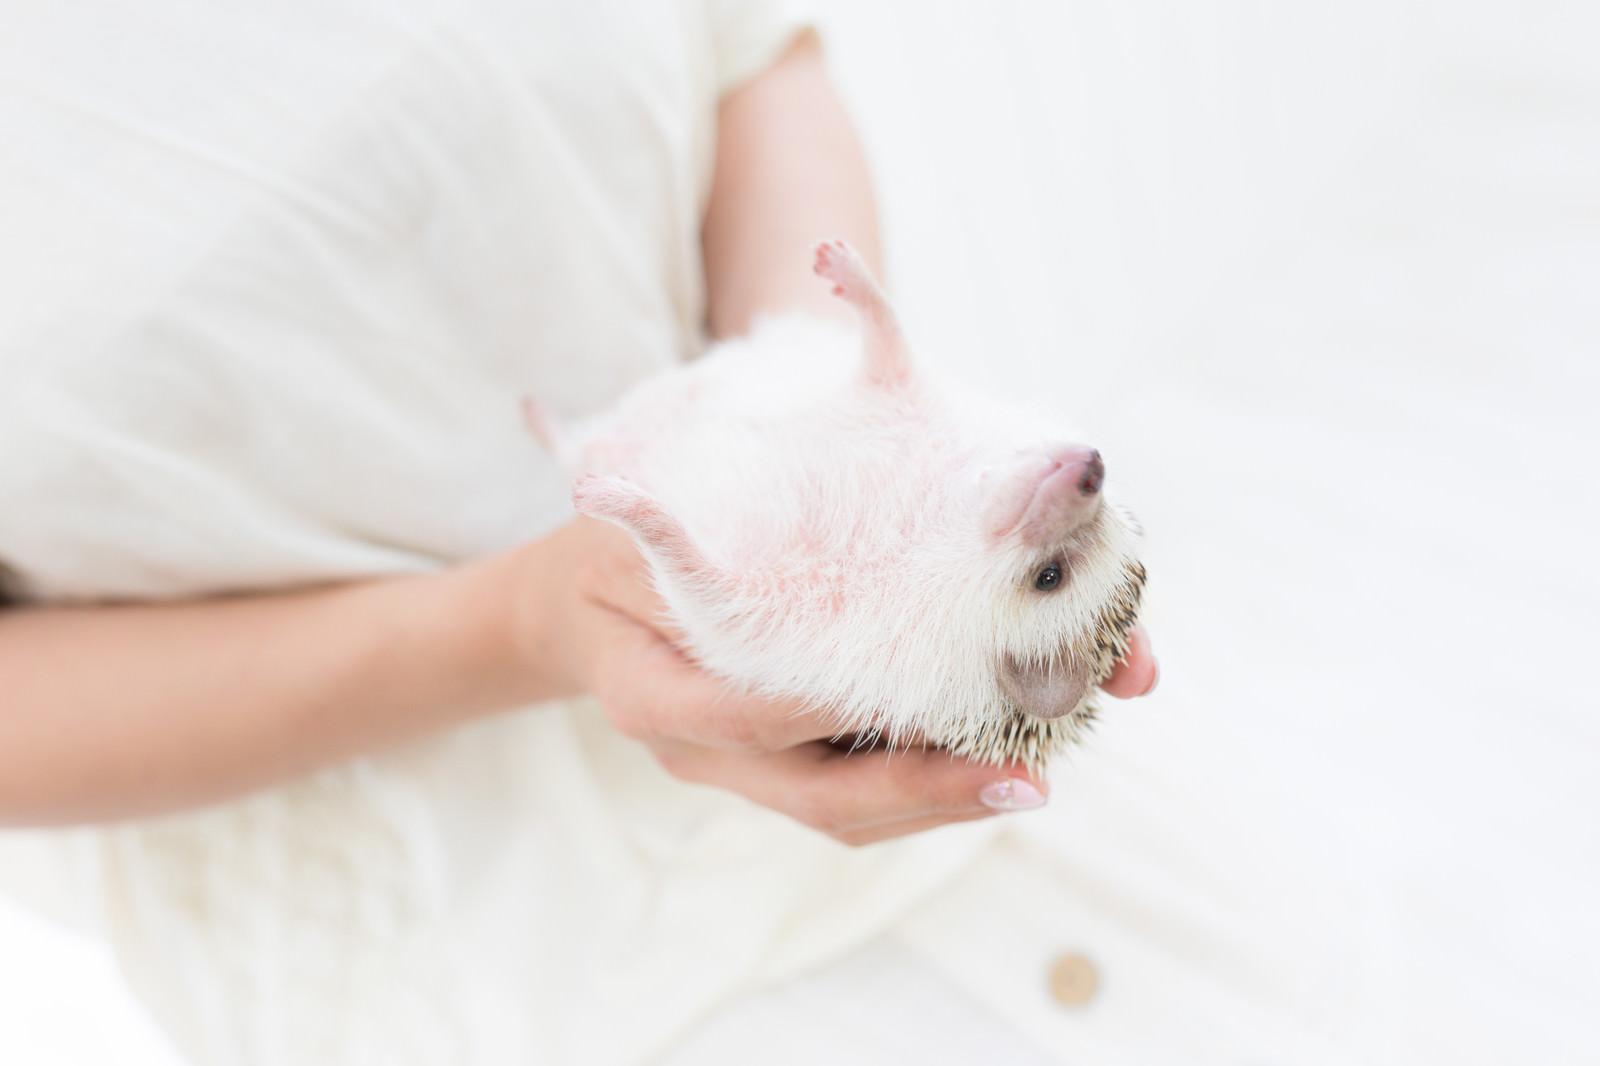 「手のひらでなすがままのハリネズミ」の写真